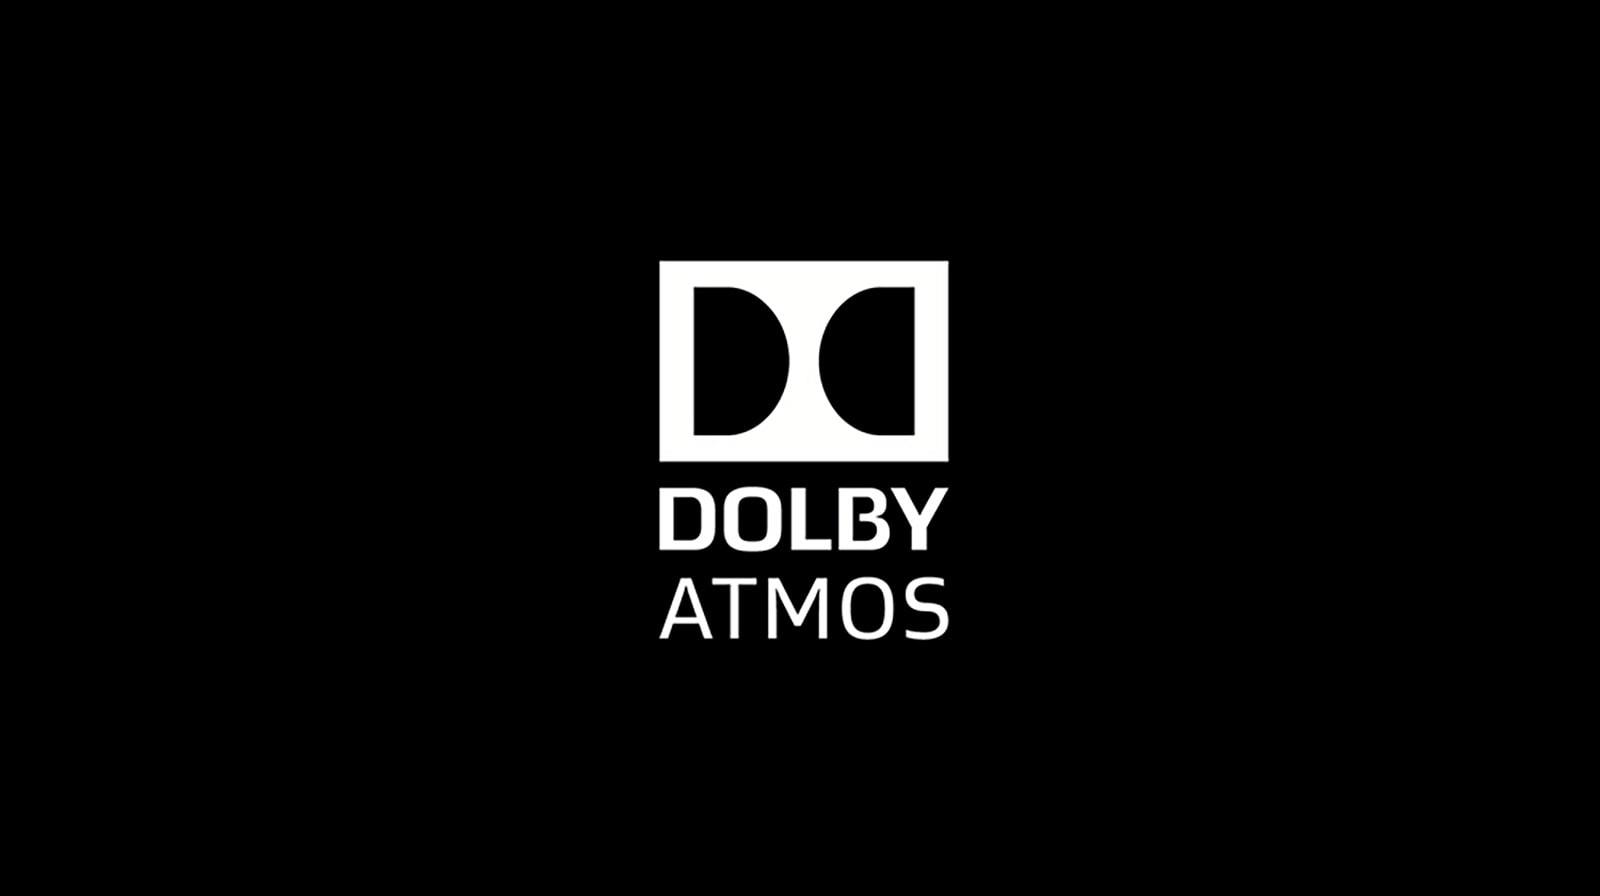 Vista previa del vídeo que muestra cómo la tecnología Dolby ofrece un sonido dimensional.